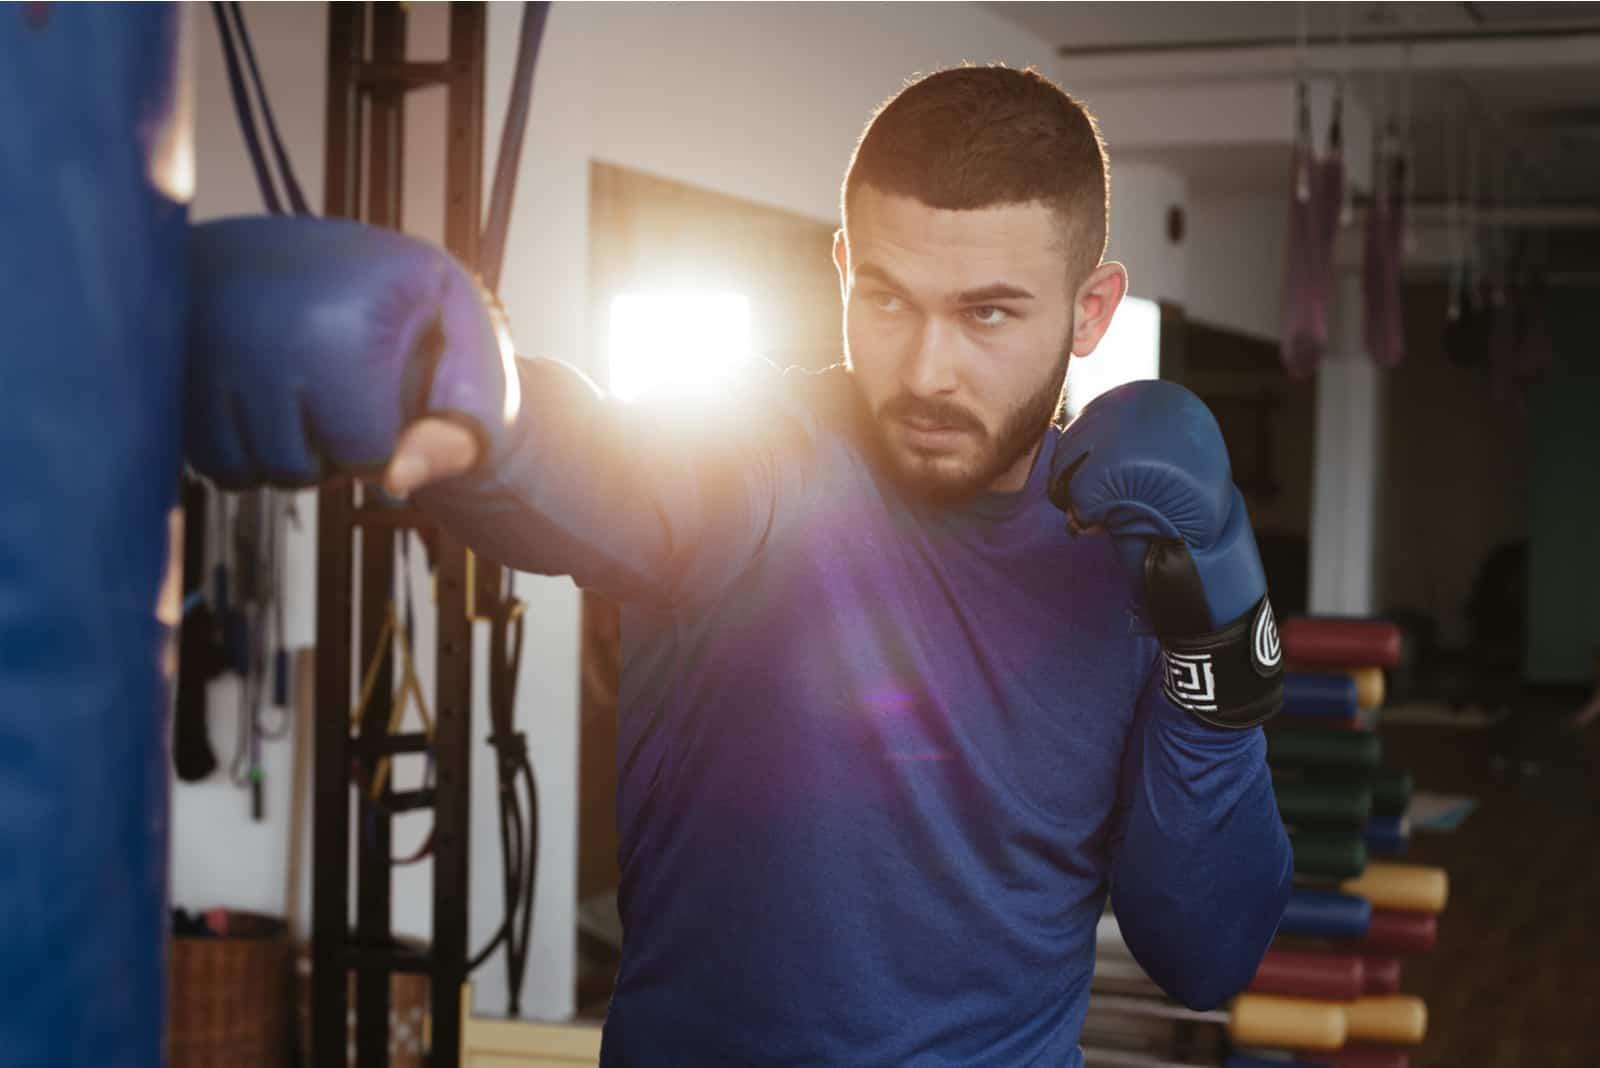 un homme s'entraîne au kickboxing